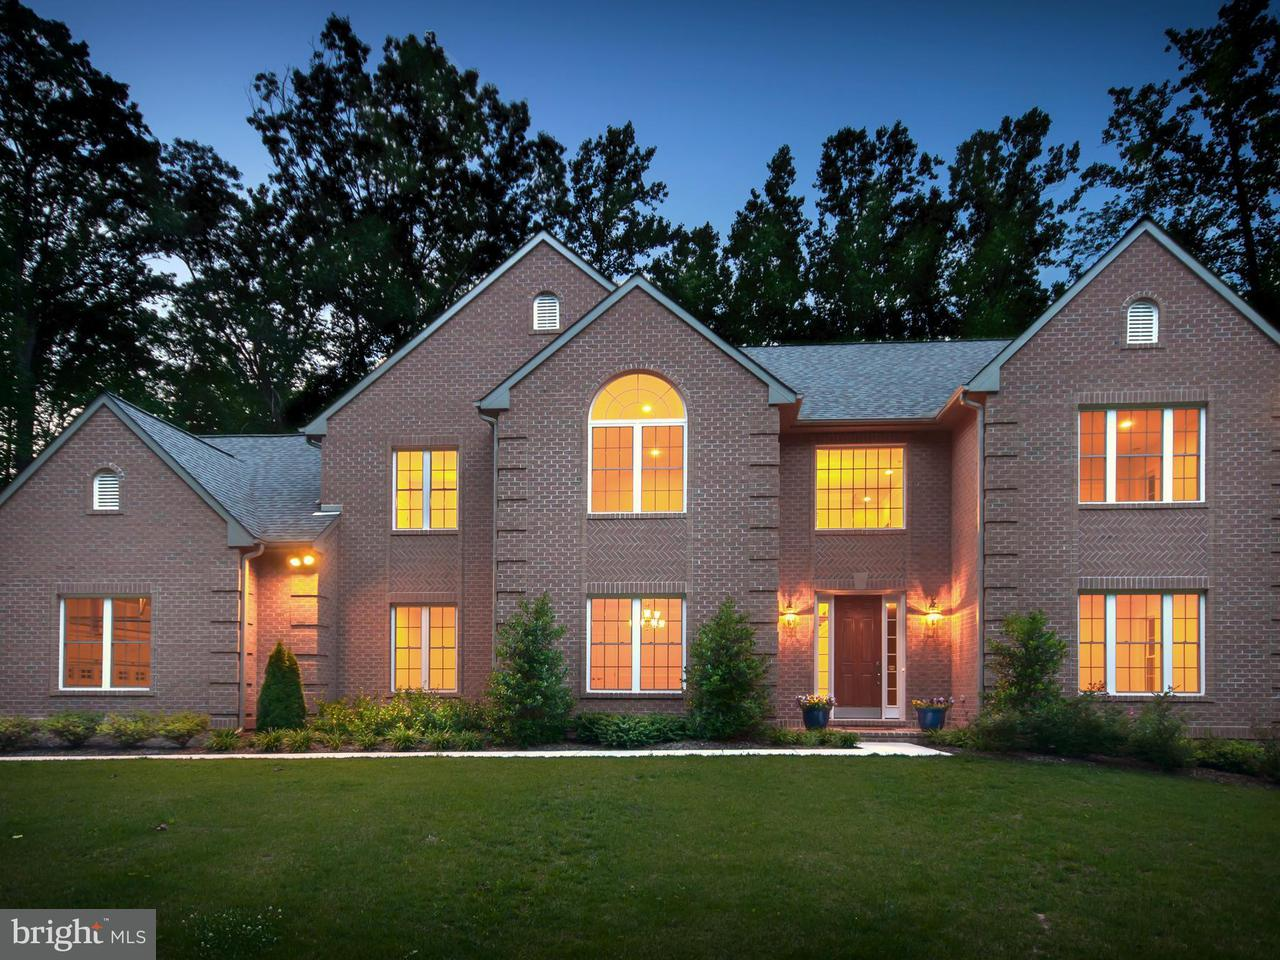 一戸建て のために 売買 アット 2401 Tufton Springs Lane 2401 Tufton Springs Lane Reisterstown, メリーランド 21136 アメリカ合衆国